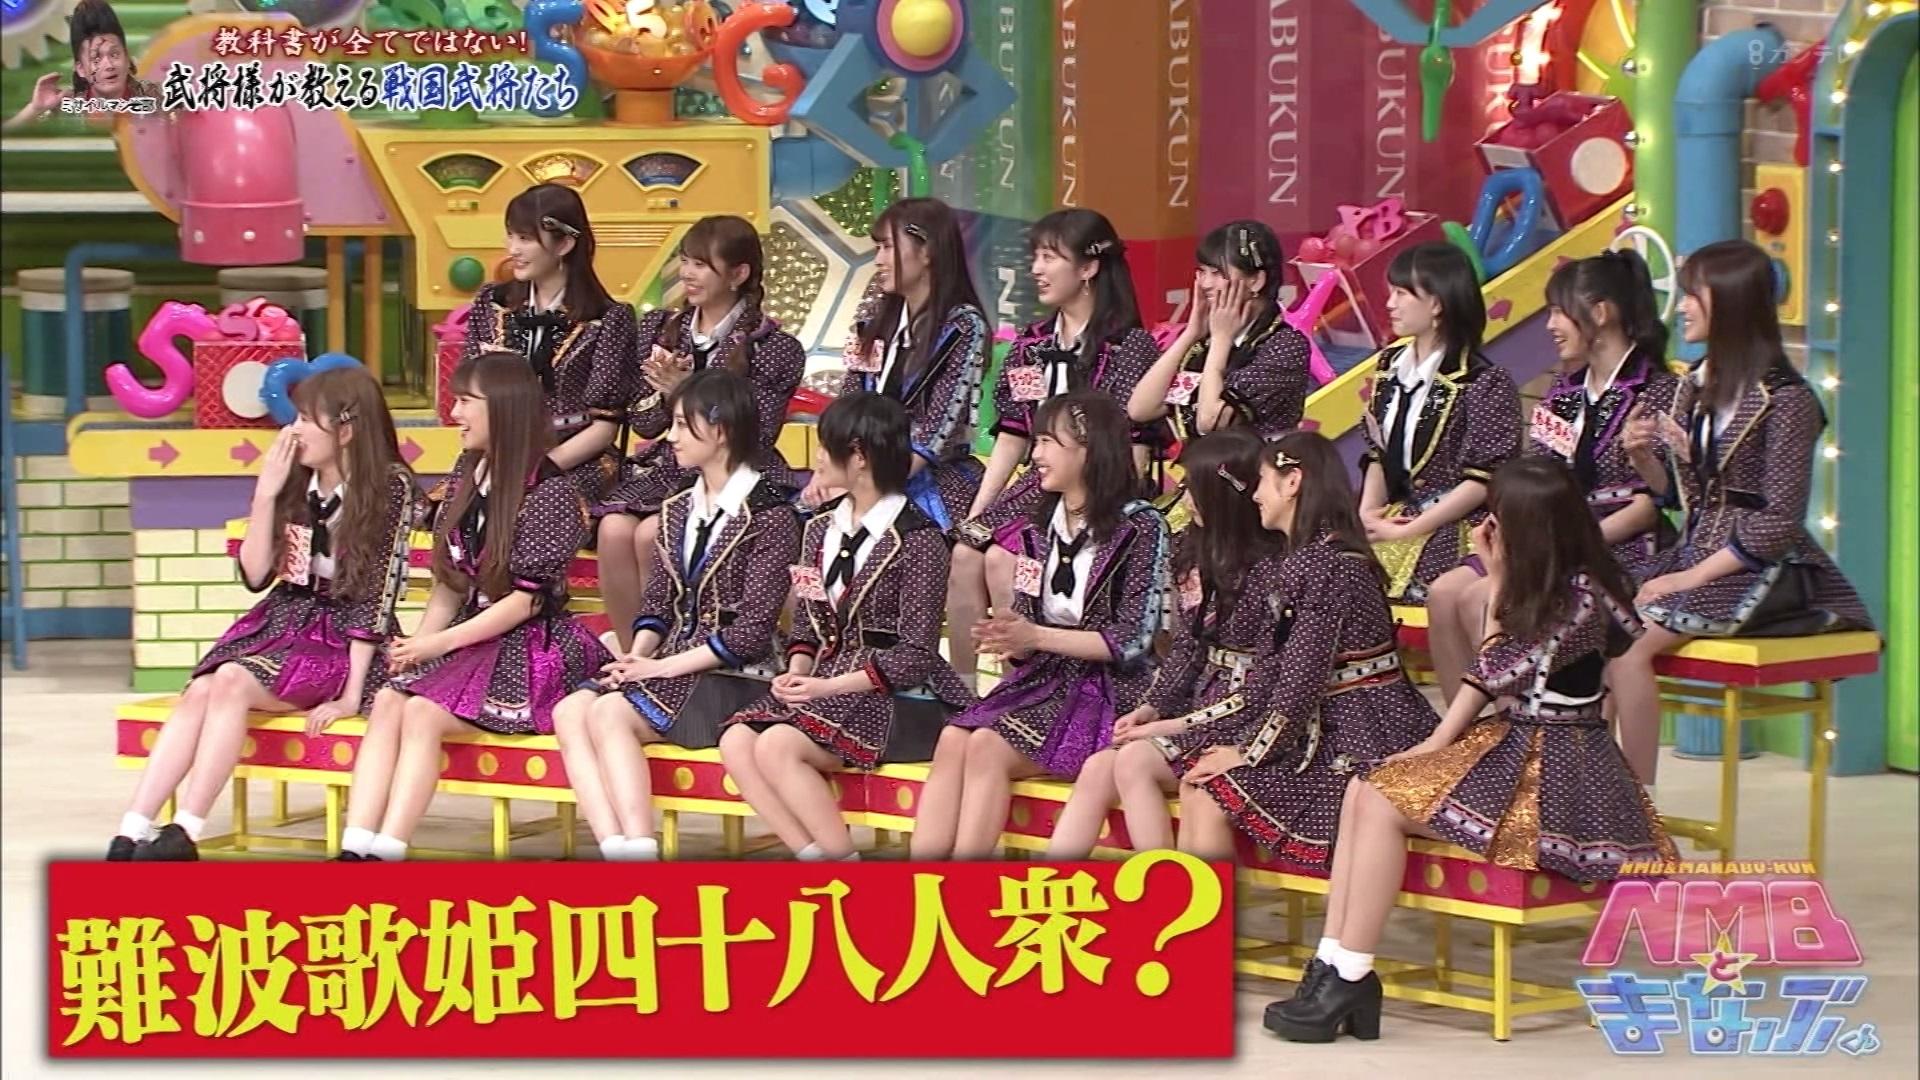 【NMB48】4/26NMBとまなぶくん#305の画像。「今夜はワロタNIGHT!白熱芸人教室SP」3週目。